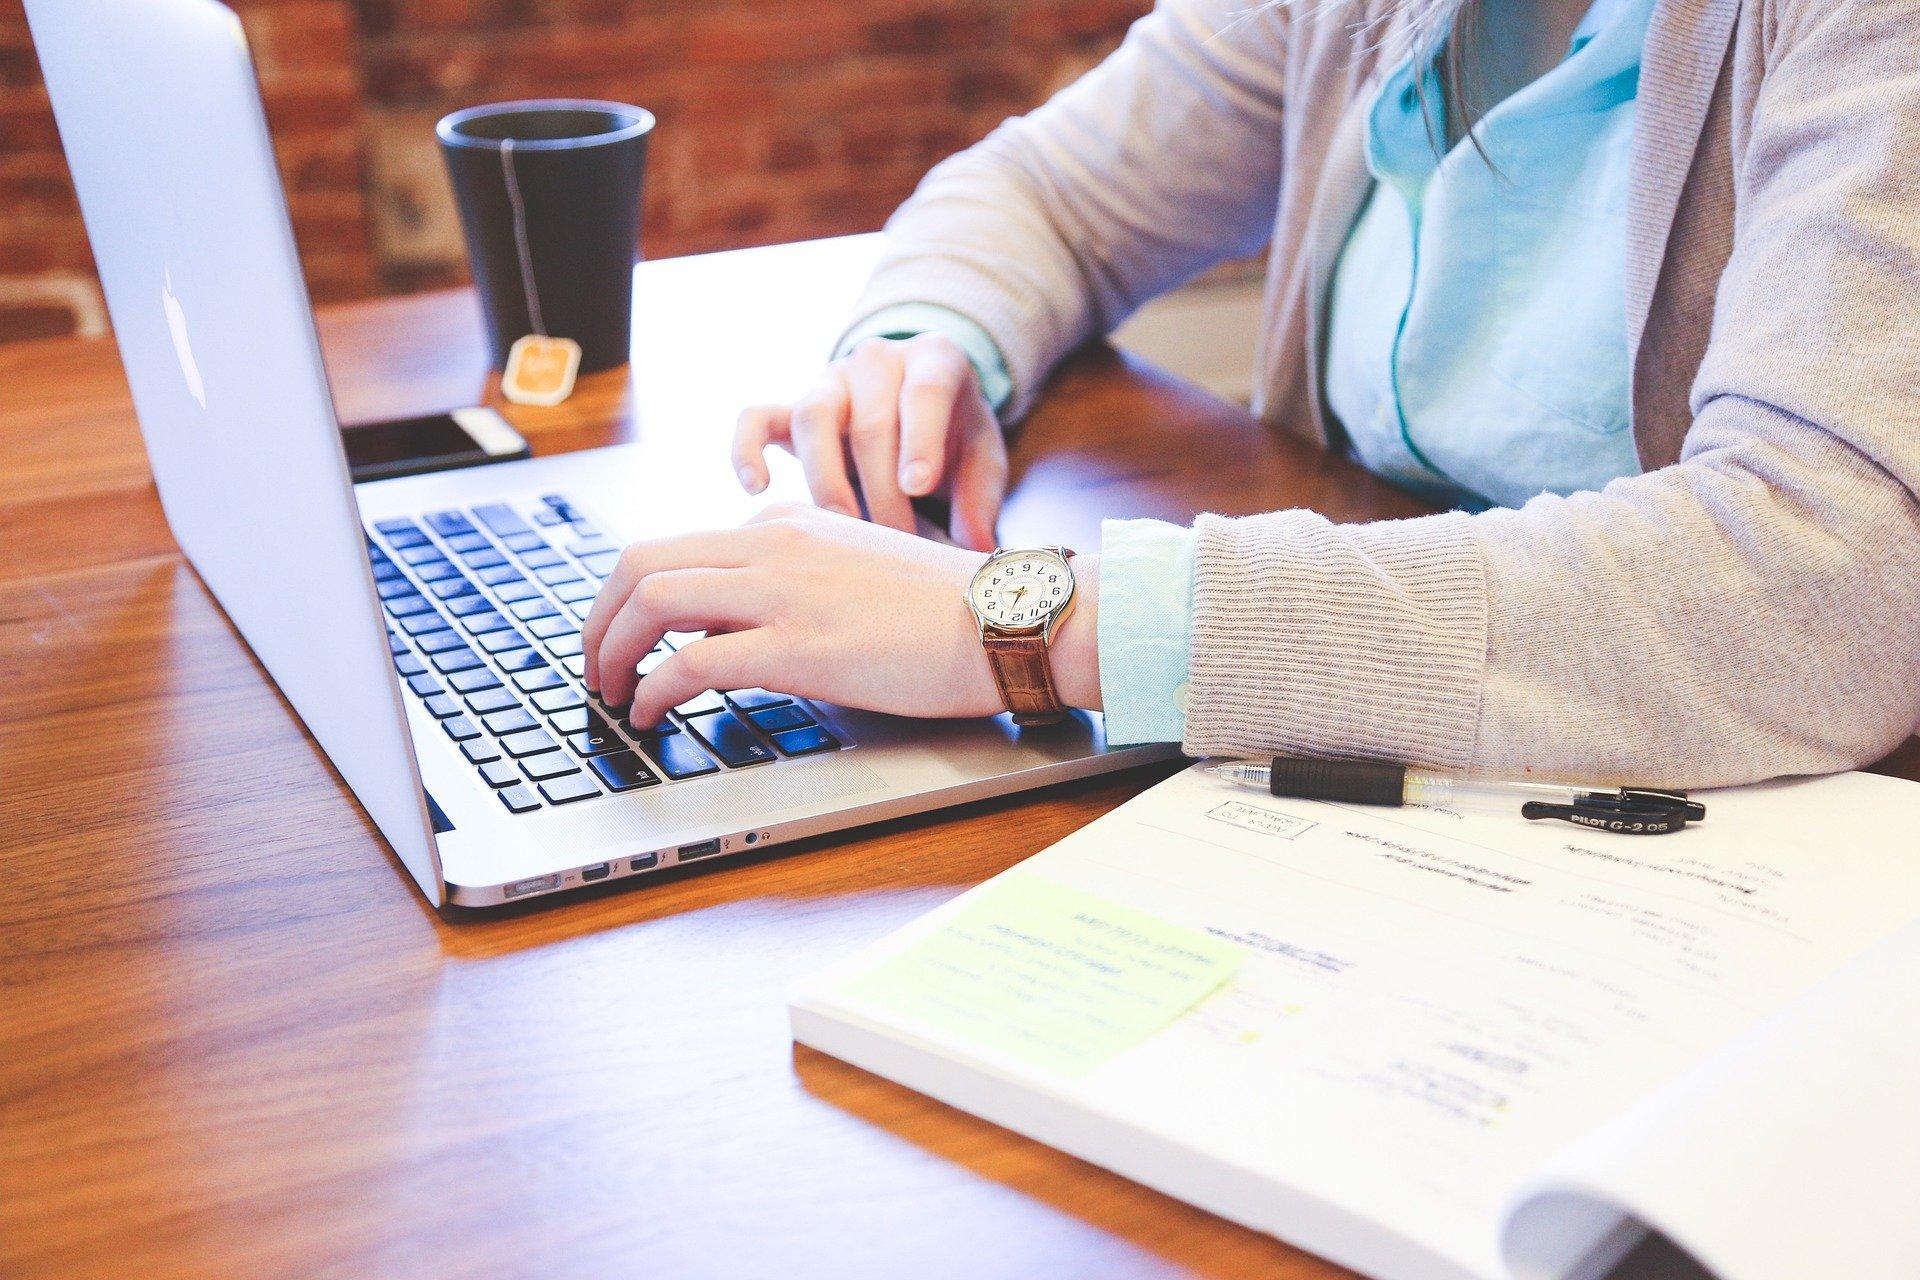 La Transcription de vos vidéos produits, marketing etc. avec Eu Coordination, agence de Traduction et d'Interprétation.